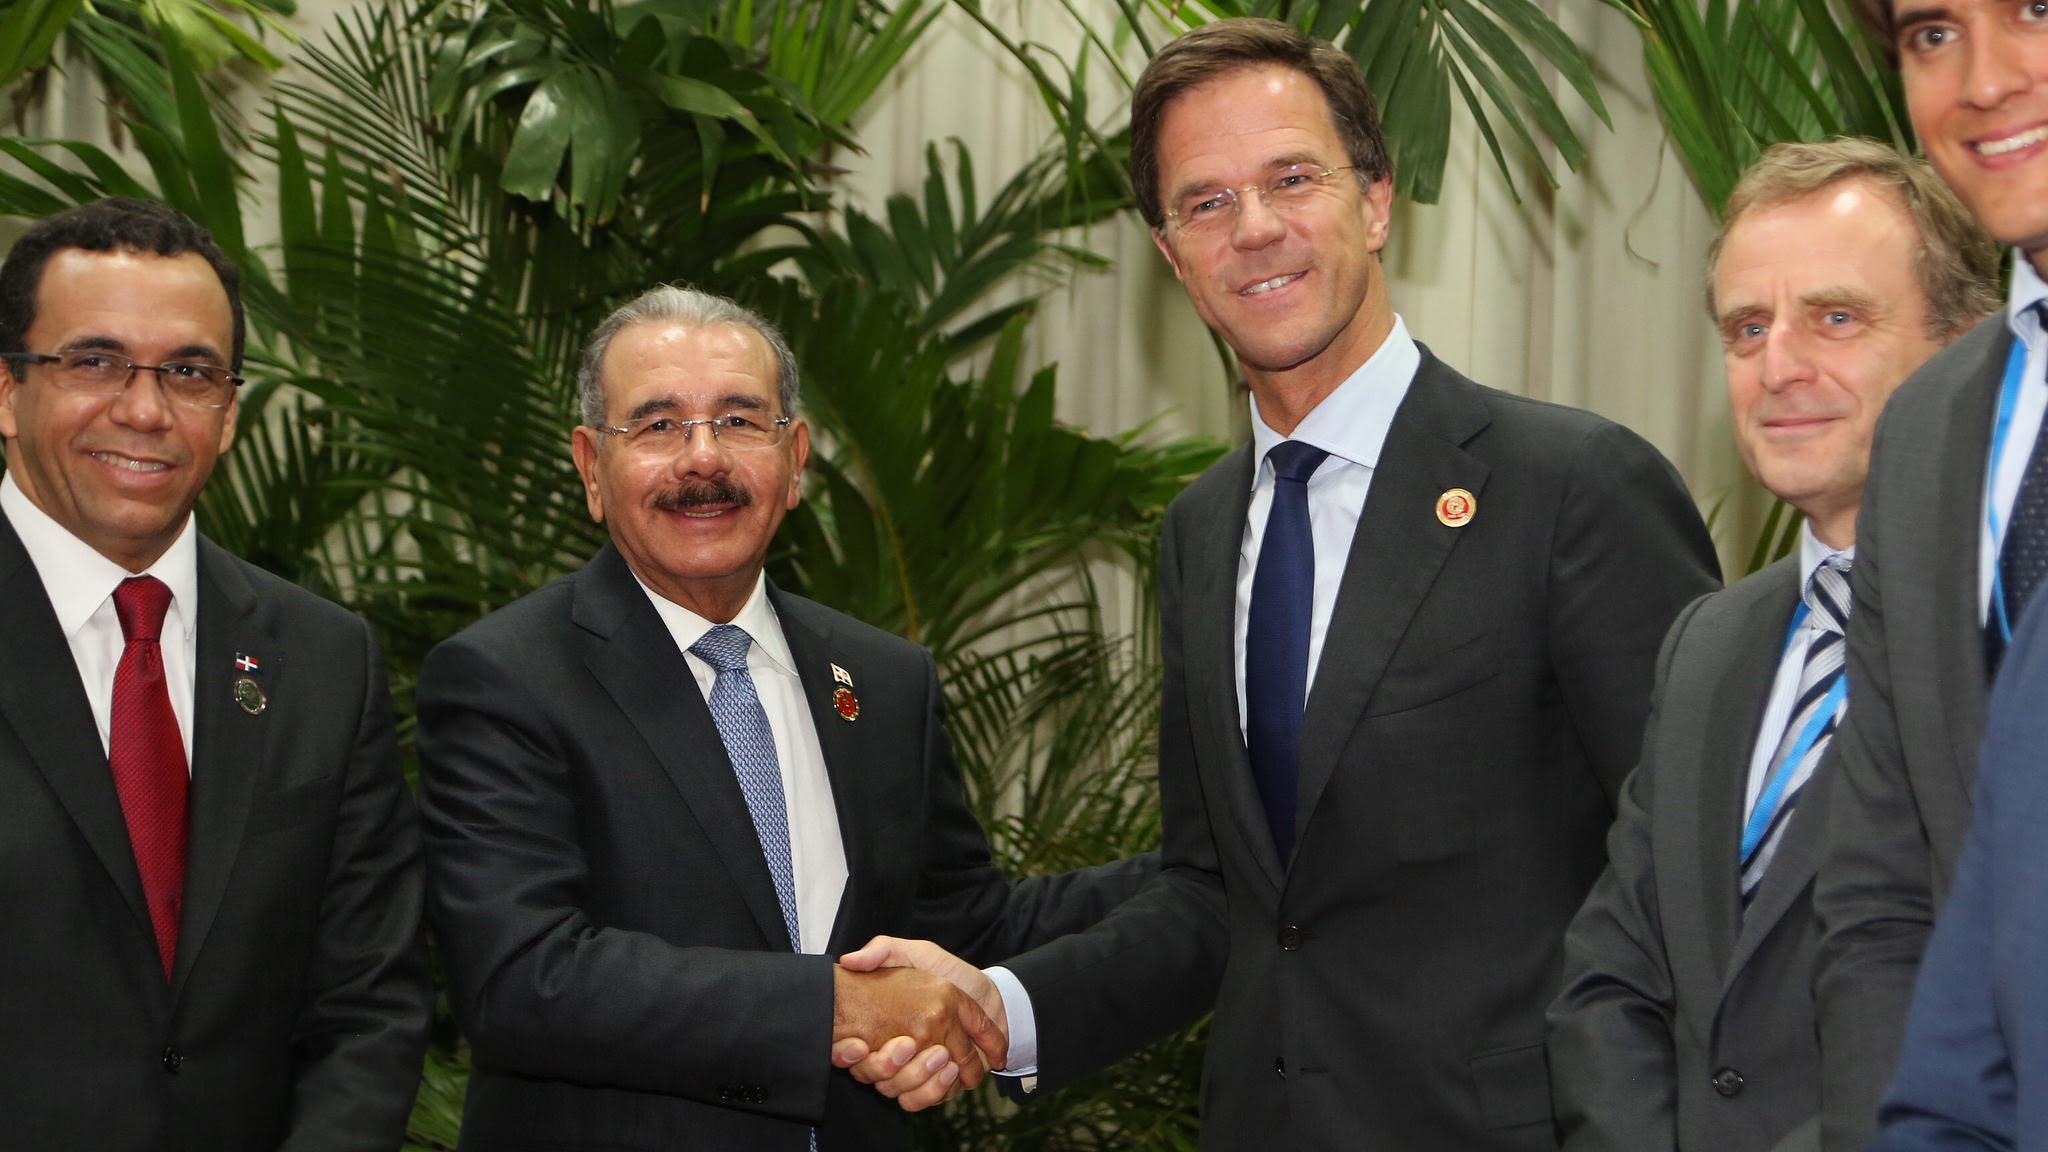 Danilo Medina y Primer Ministro de Paises Bajos